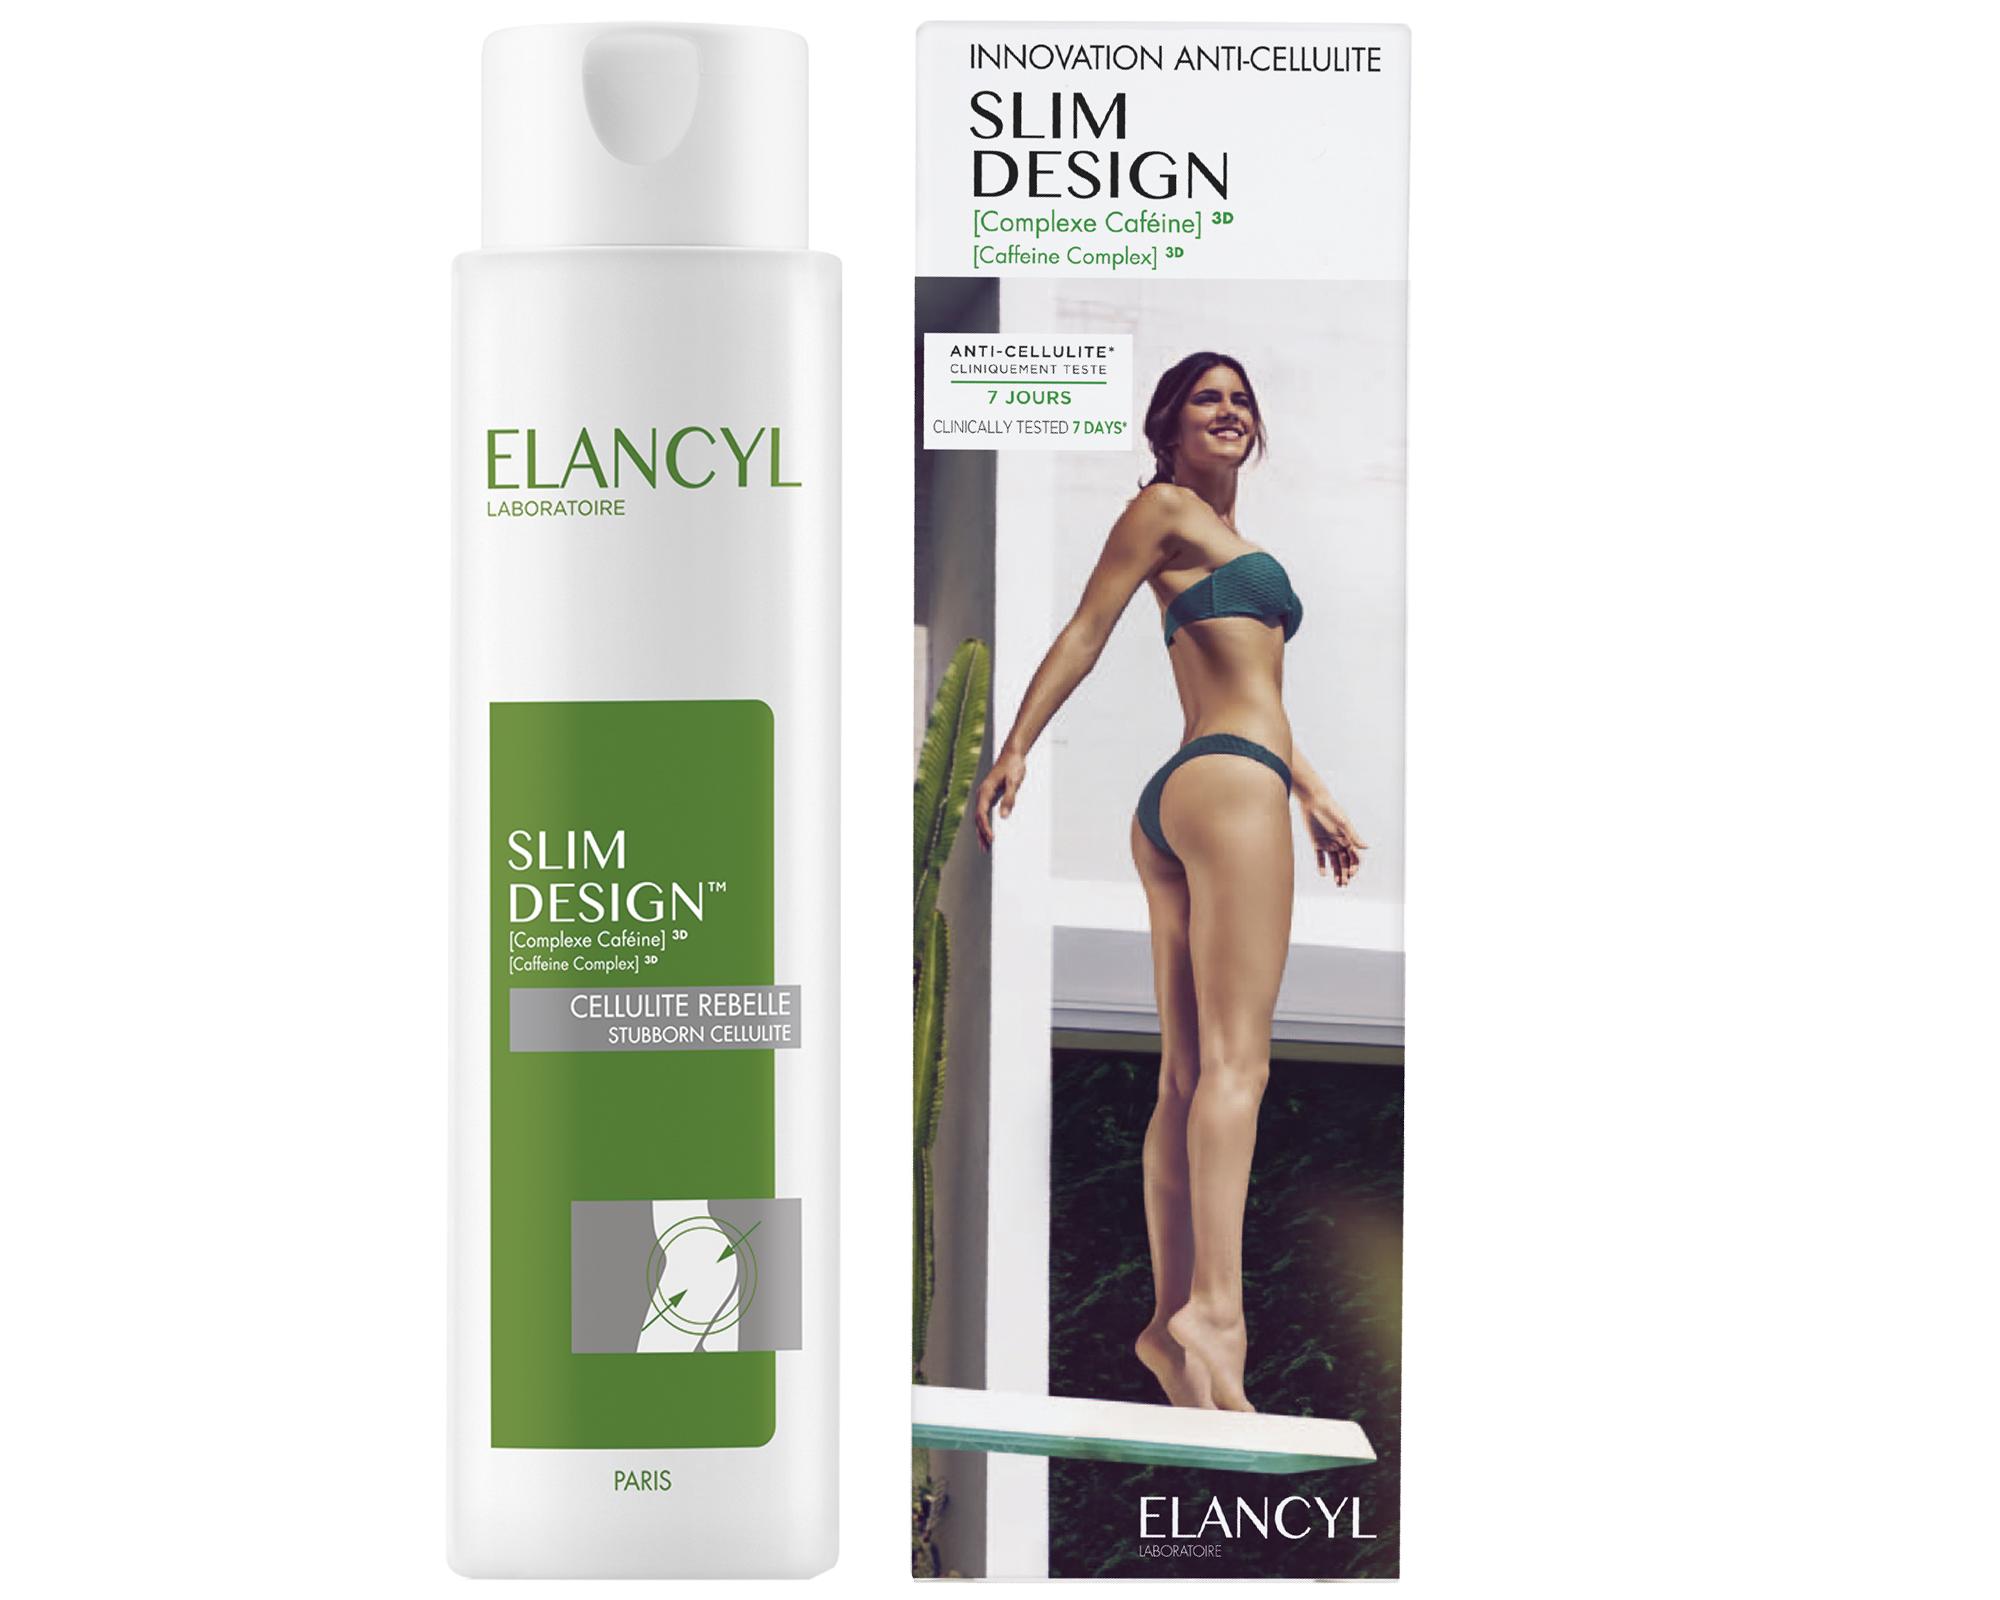 Антицеллюлитный крем Slim Design, Elancyl